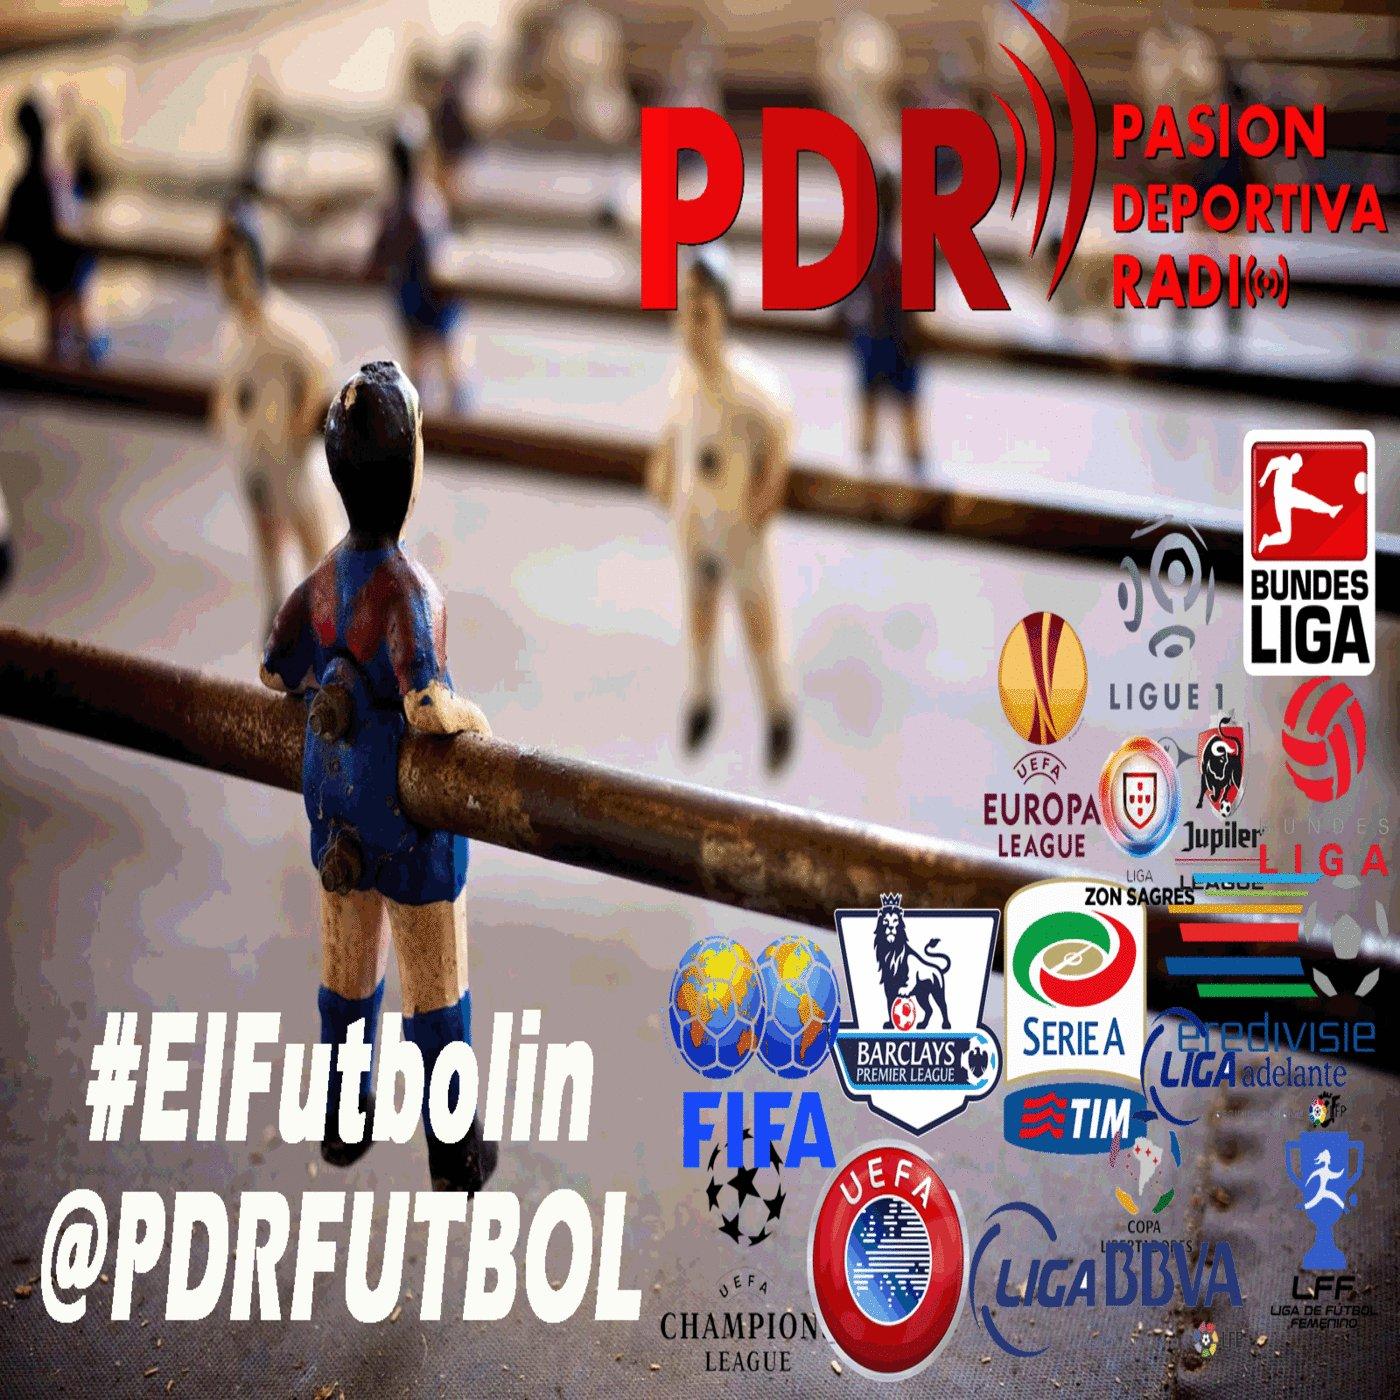 <![CDATA[El Futbolin 2013-14]]>